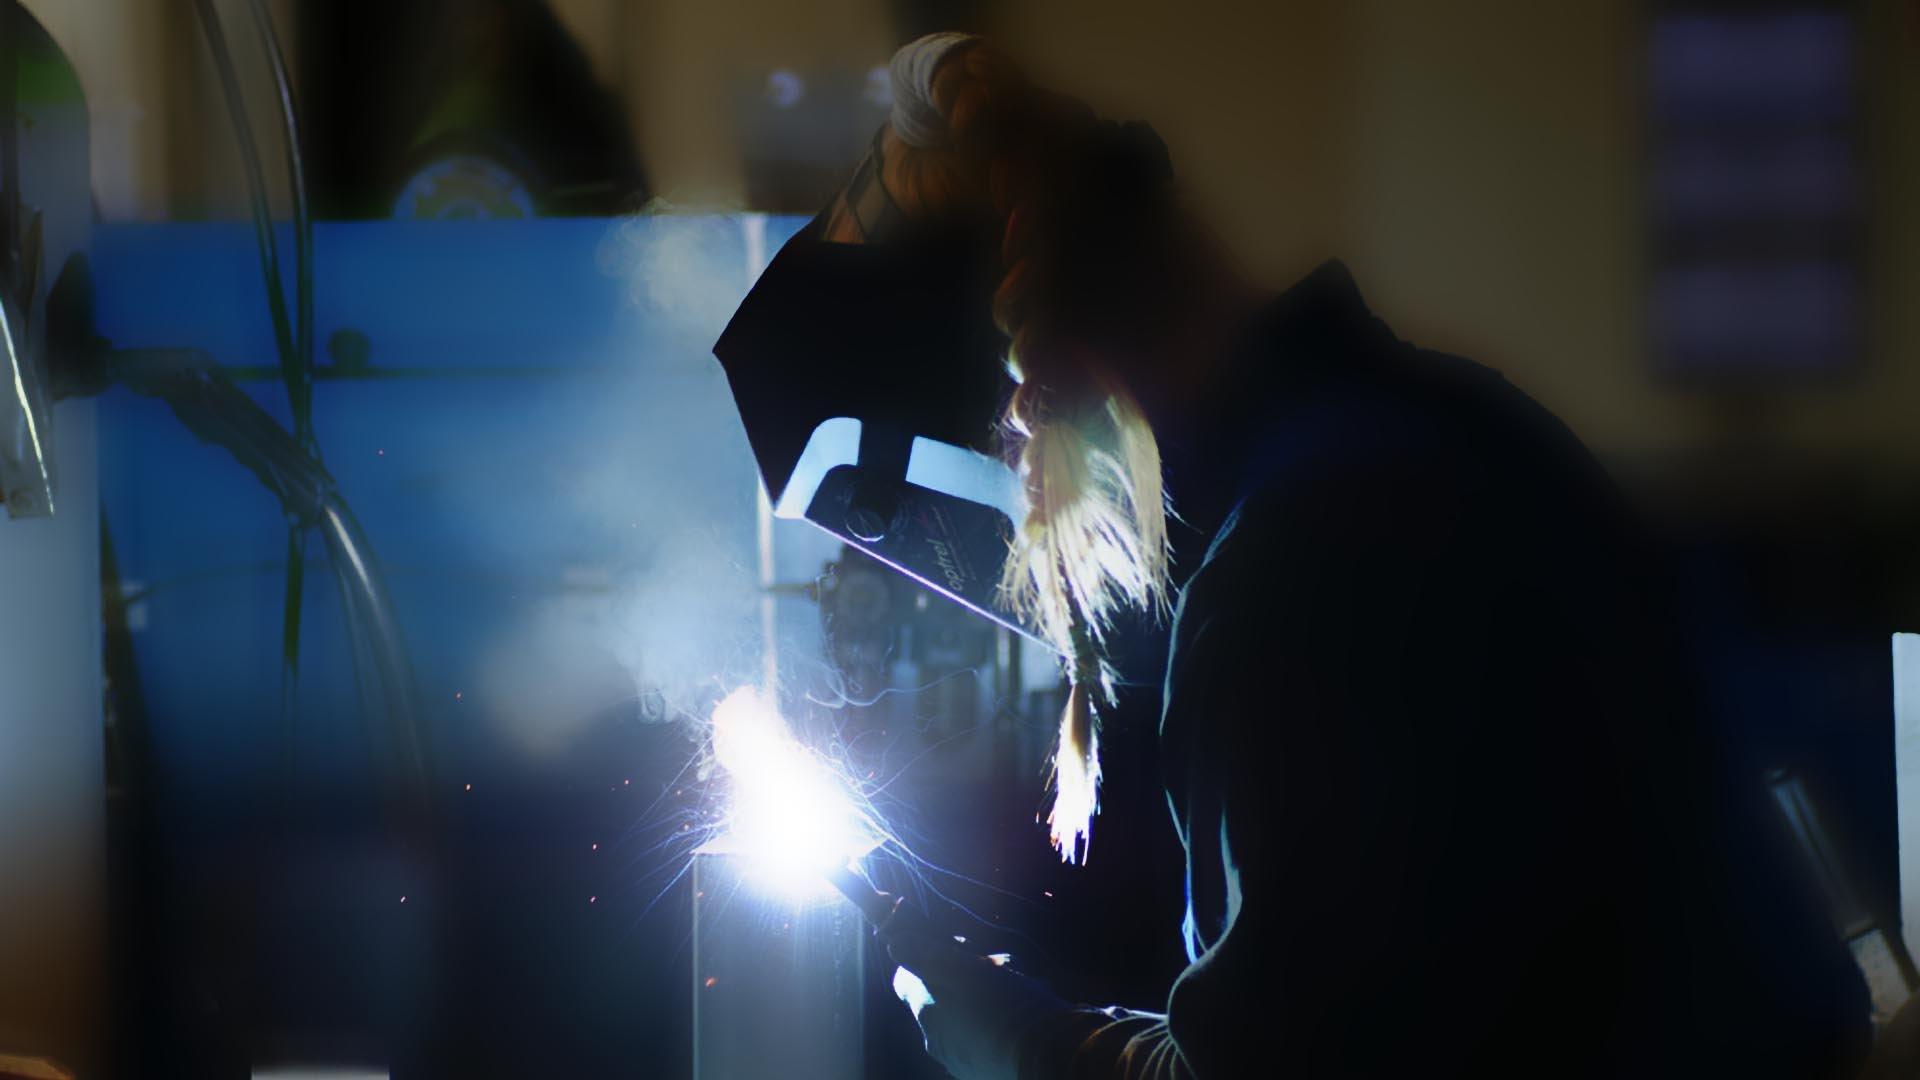 MINT Headerfoto: Junge Frau mit Helm und Zopf bei Schweißarbeiten